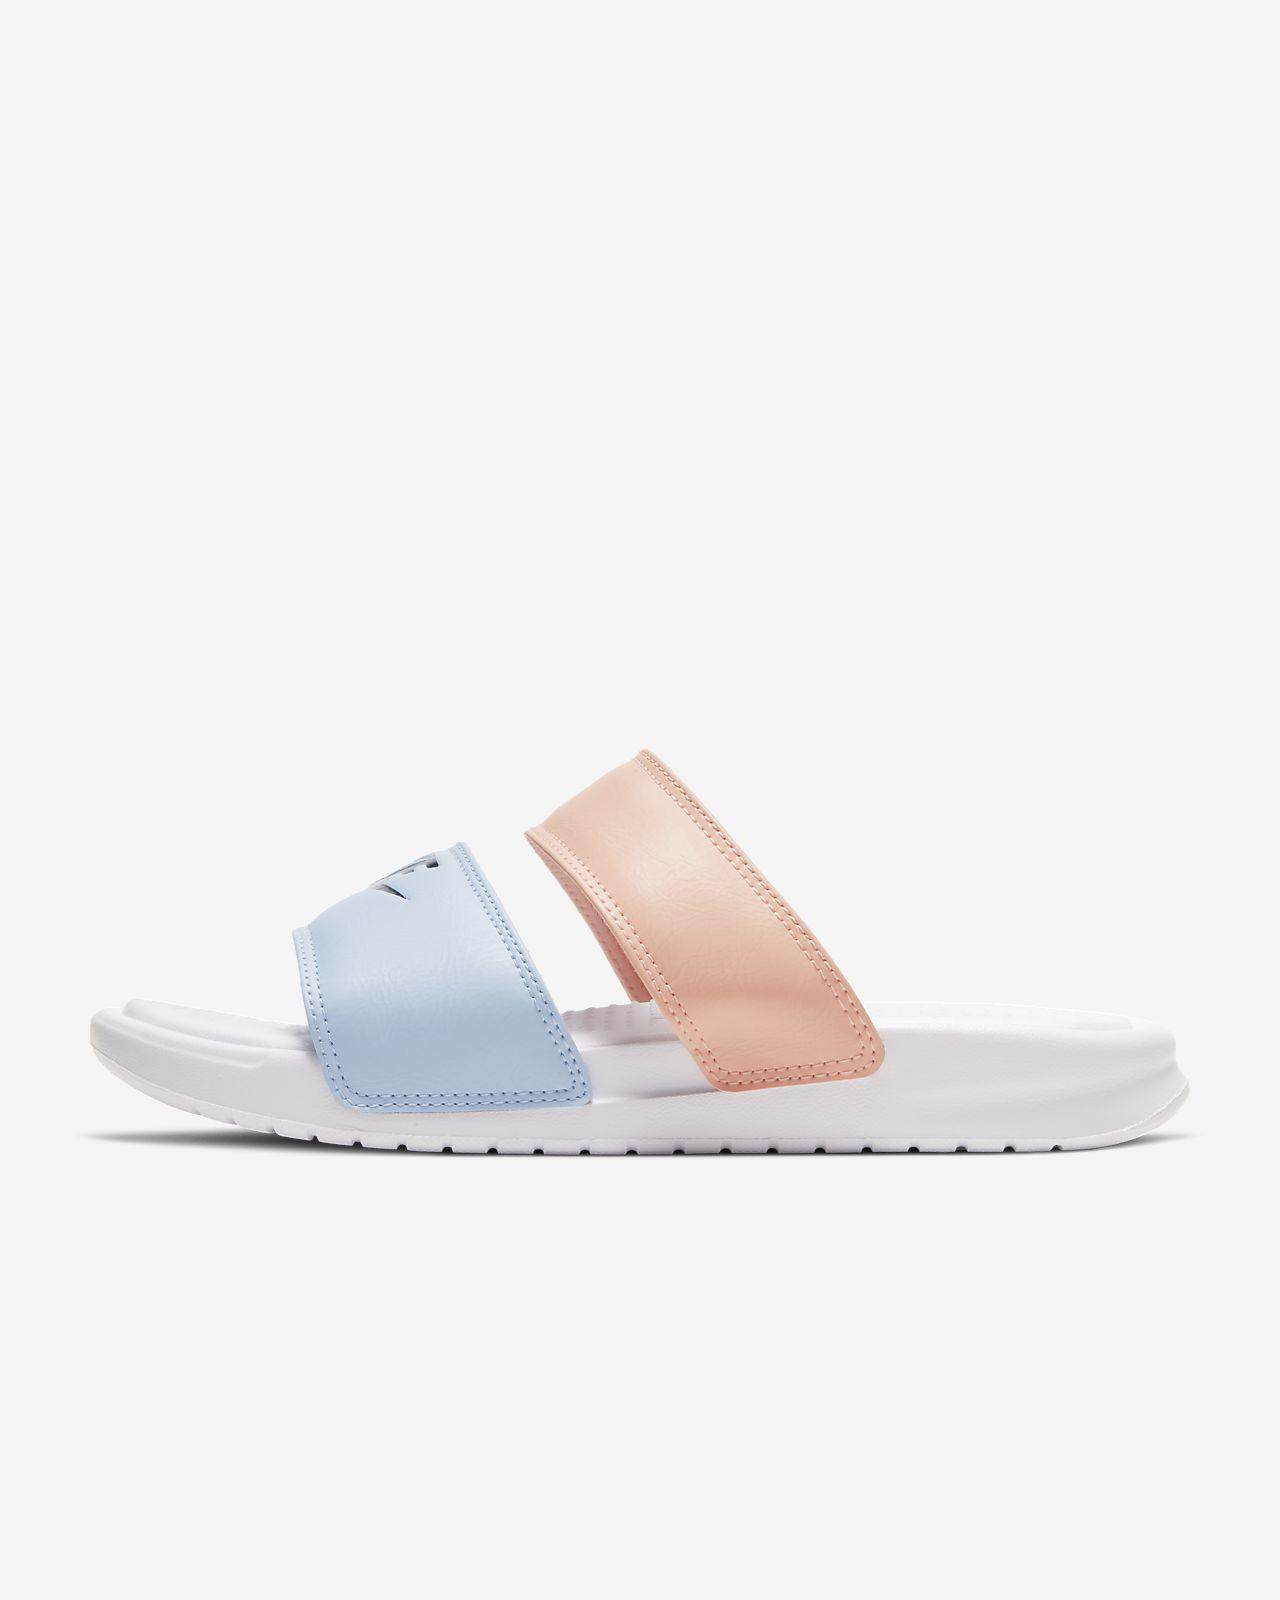 รองเท้าแตะแบบสวมผู้หญิง Nike Benassi Duo Ultra